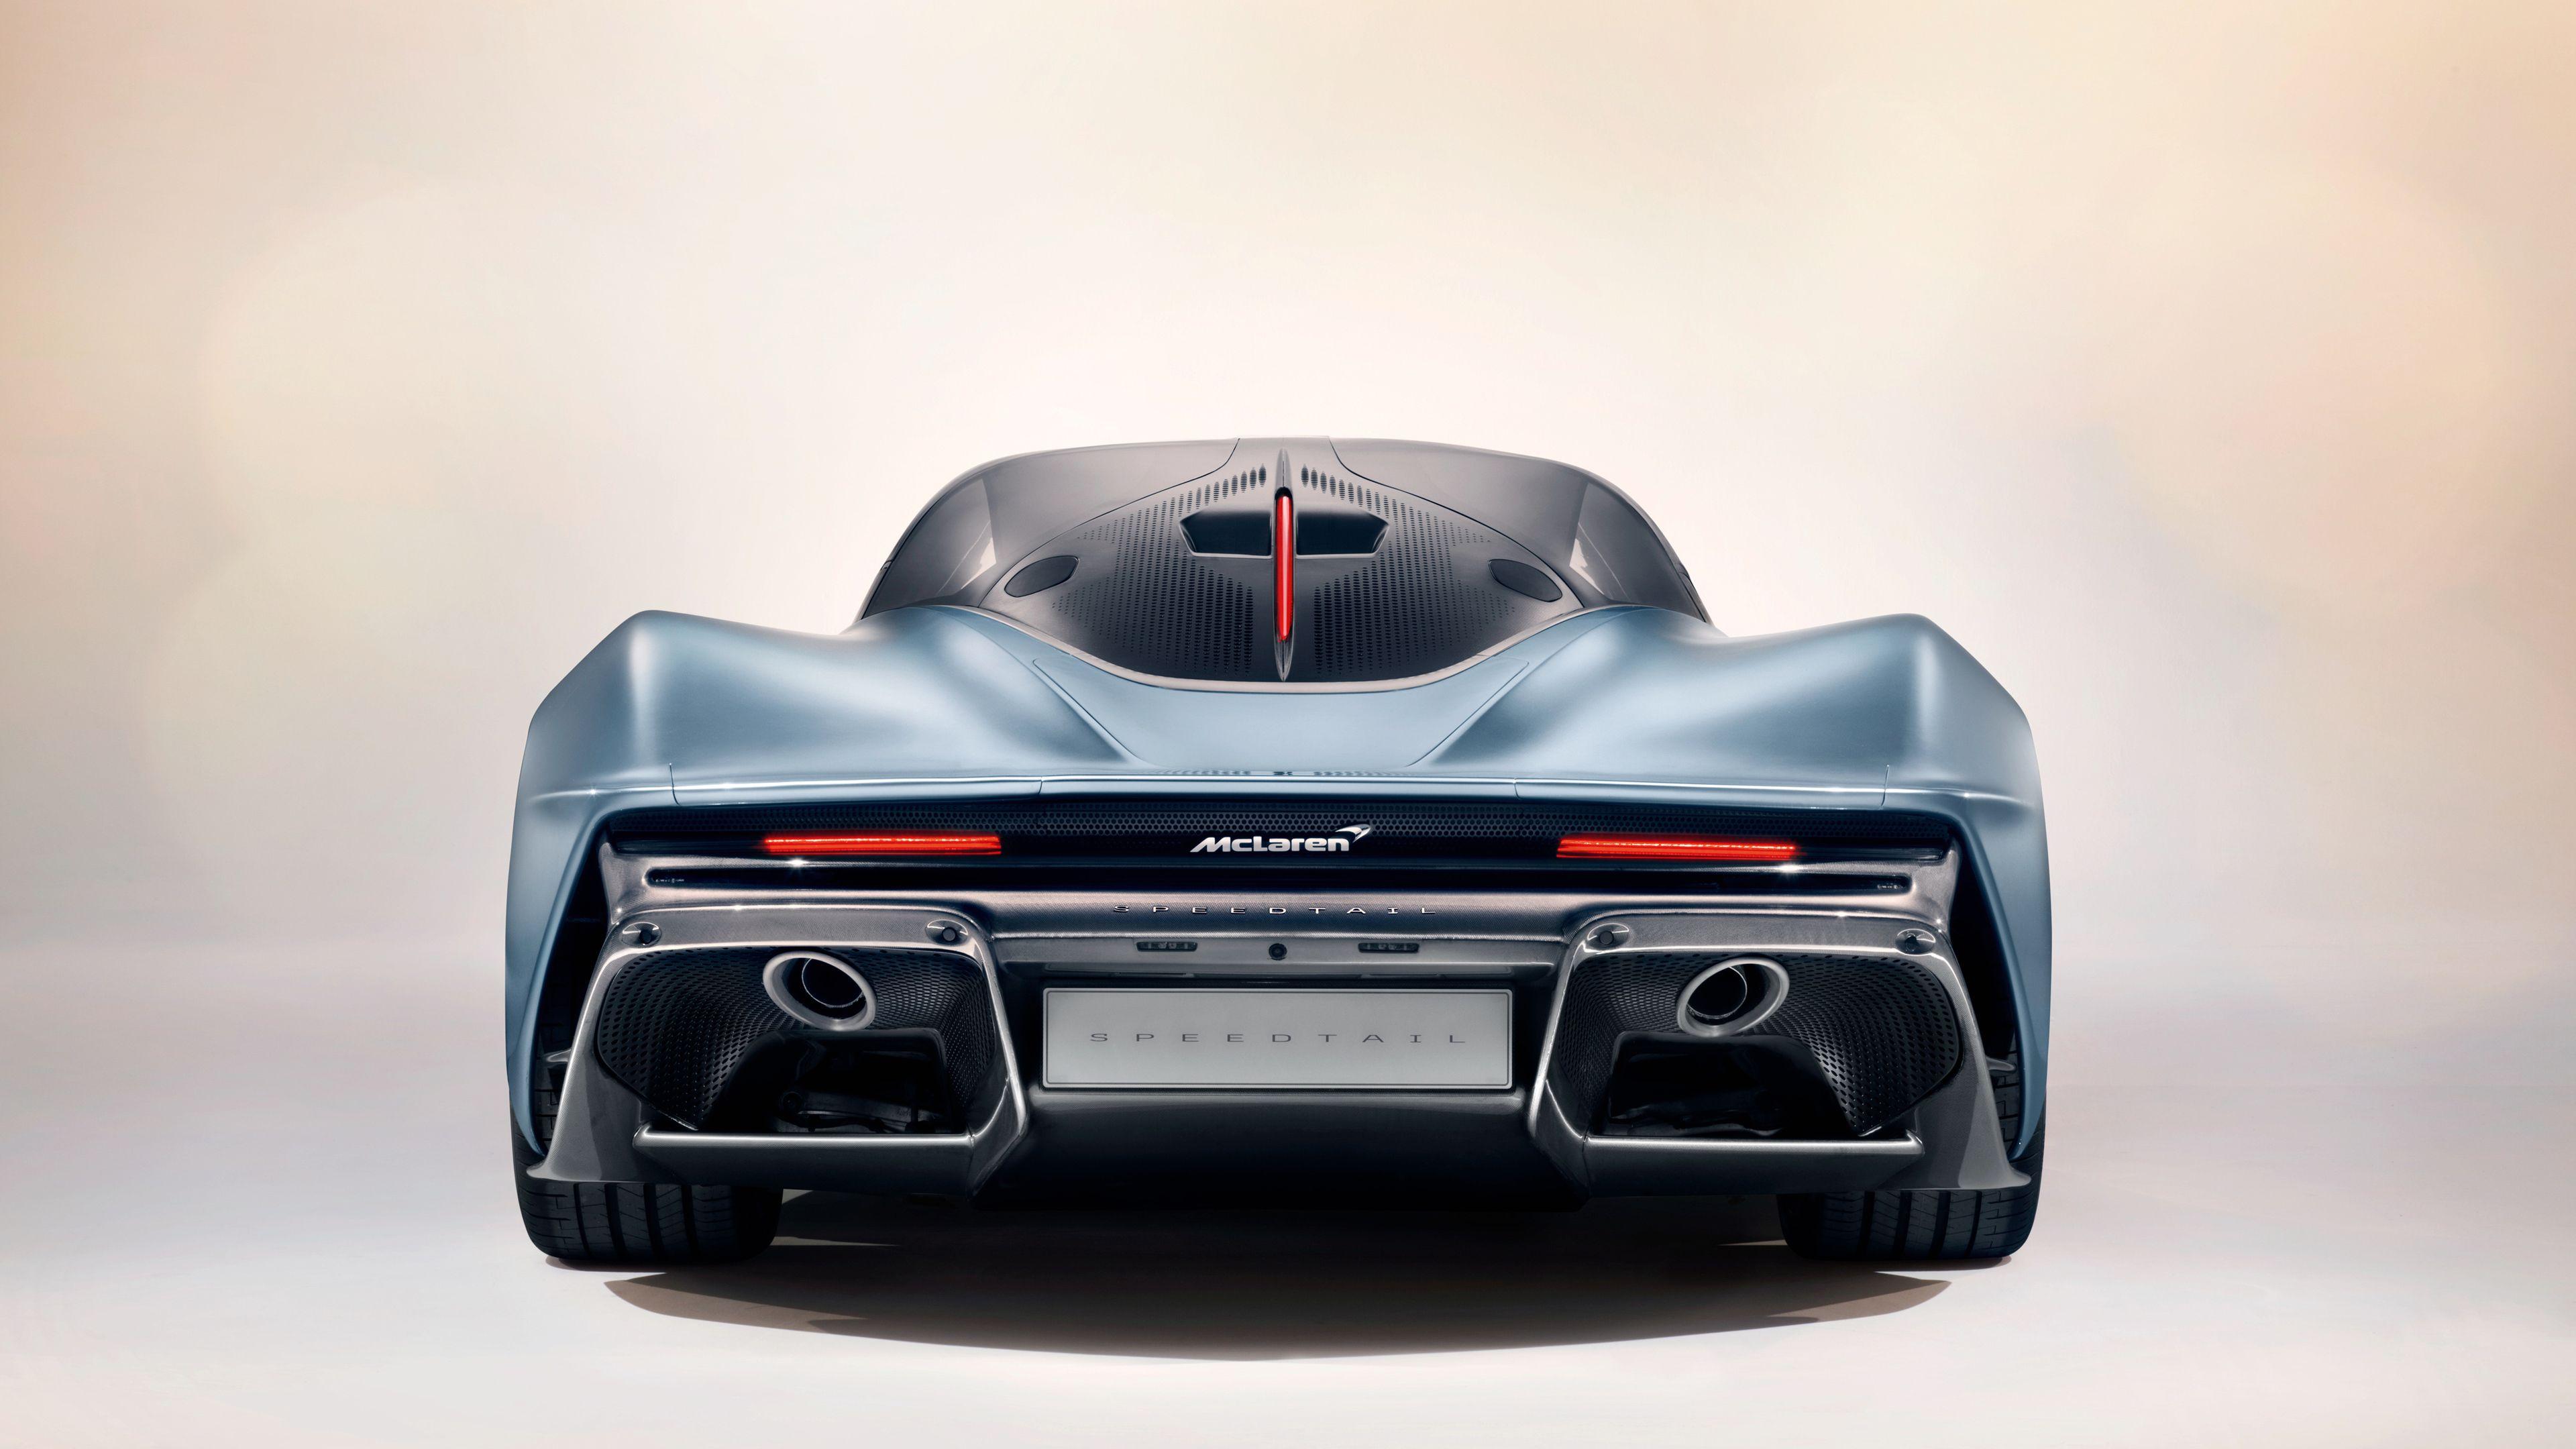 McLaren Speedtail Rear 4k wallpaper mclaren speedtail wallpapers 3840x2160